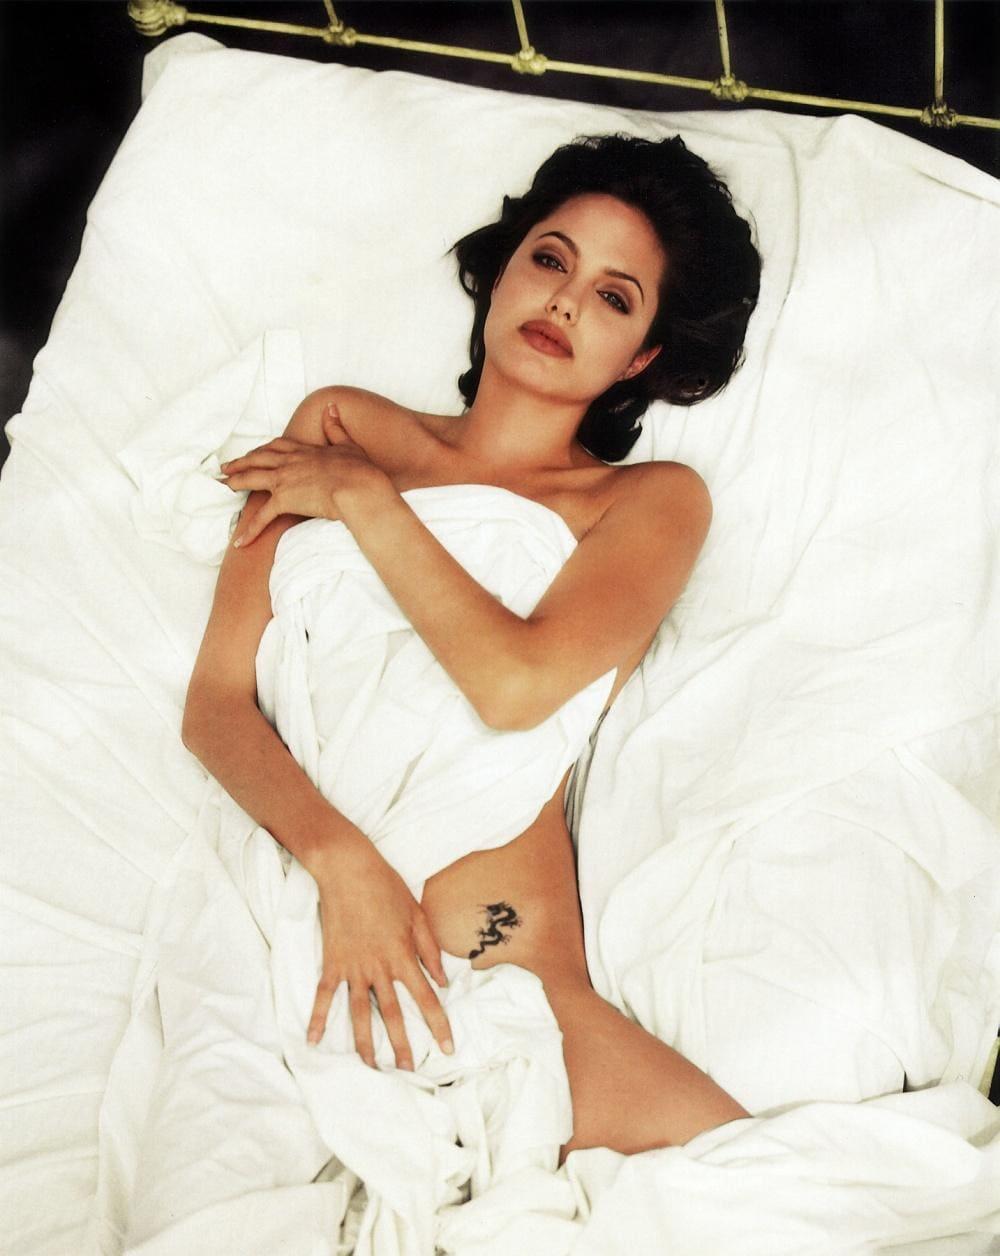 Анджелина Джоли горячие с томным взглядом голая лежит в белой постели немного прикрывшись простыней